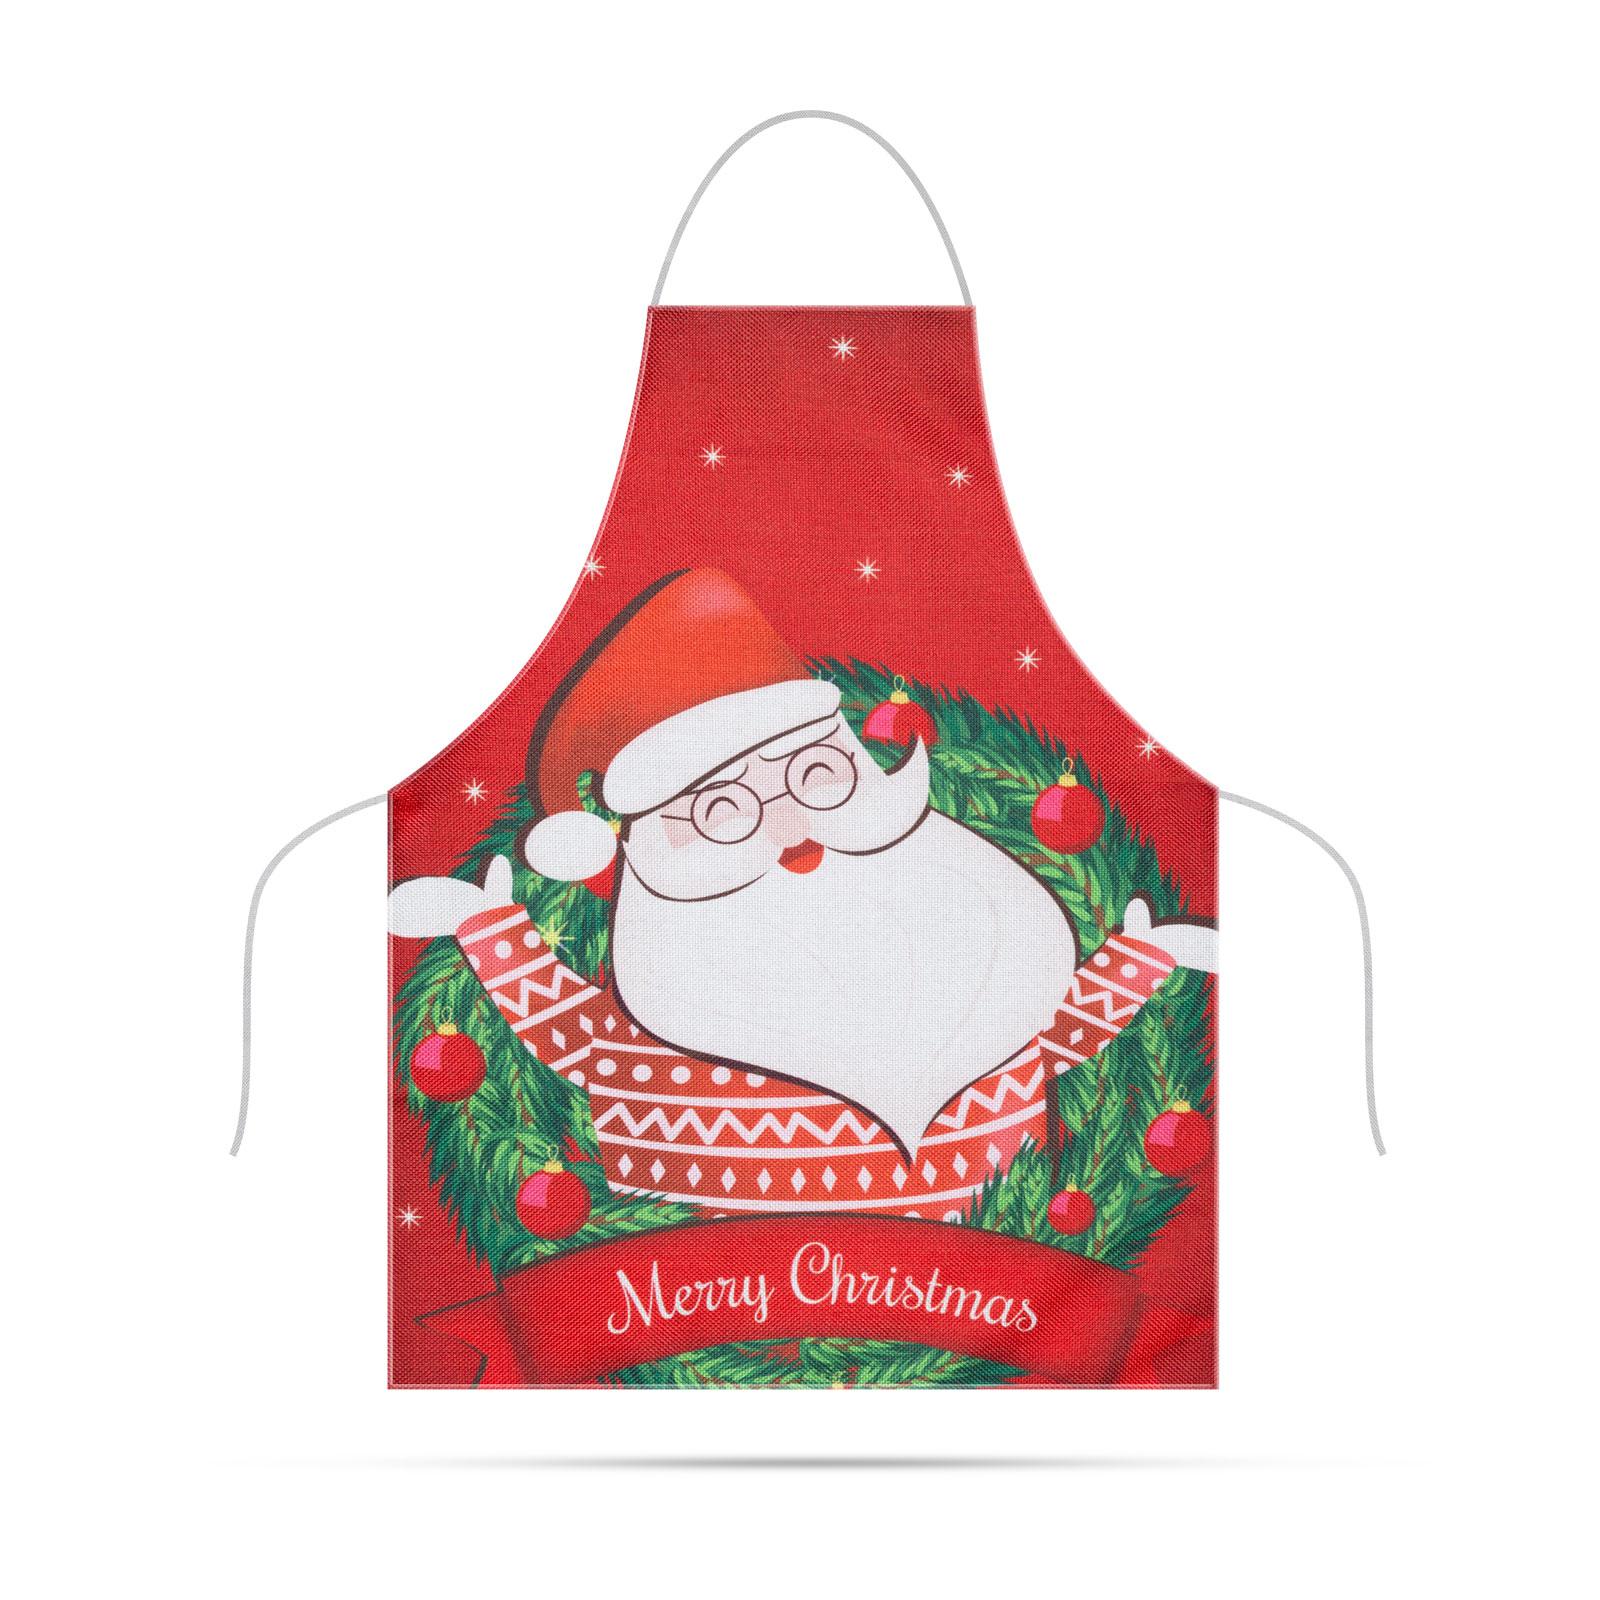 Șorț - Crăciun - pentru copii - 47 x 40 cm - roșu